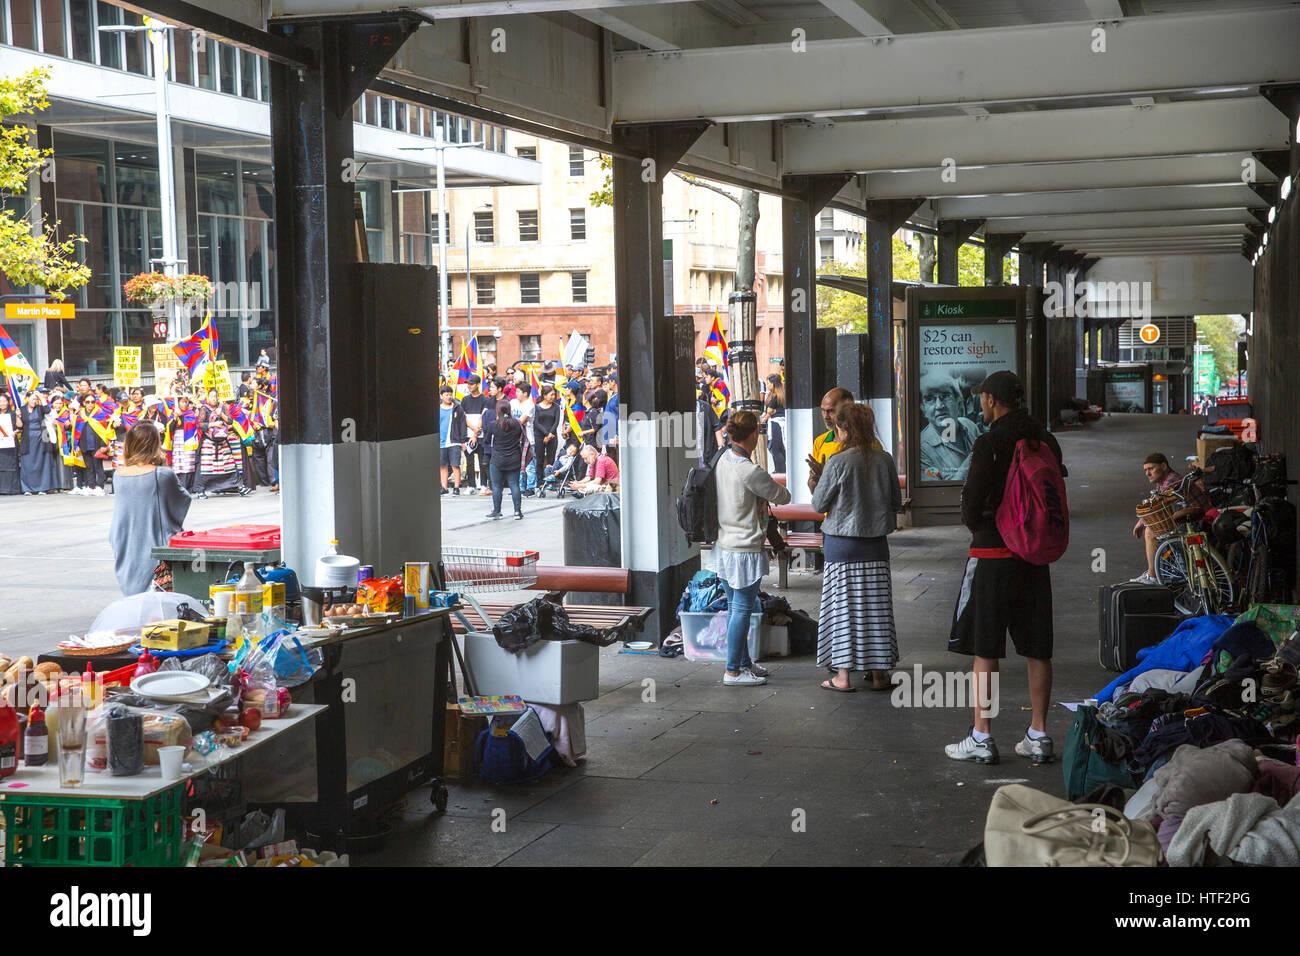 Suppenküche für Obdachlose, die grob in der Innenstadt, Australien ...